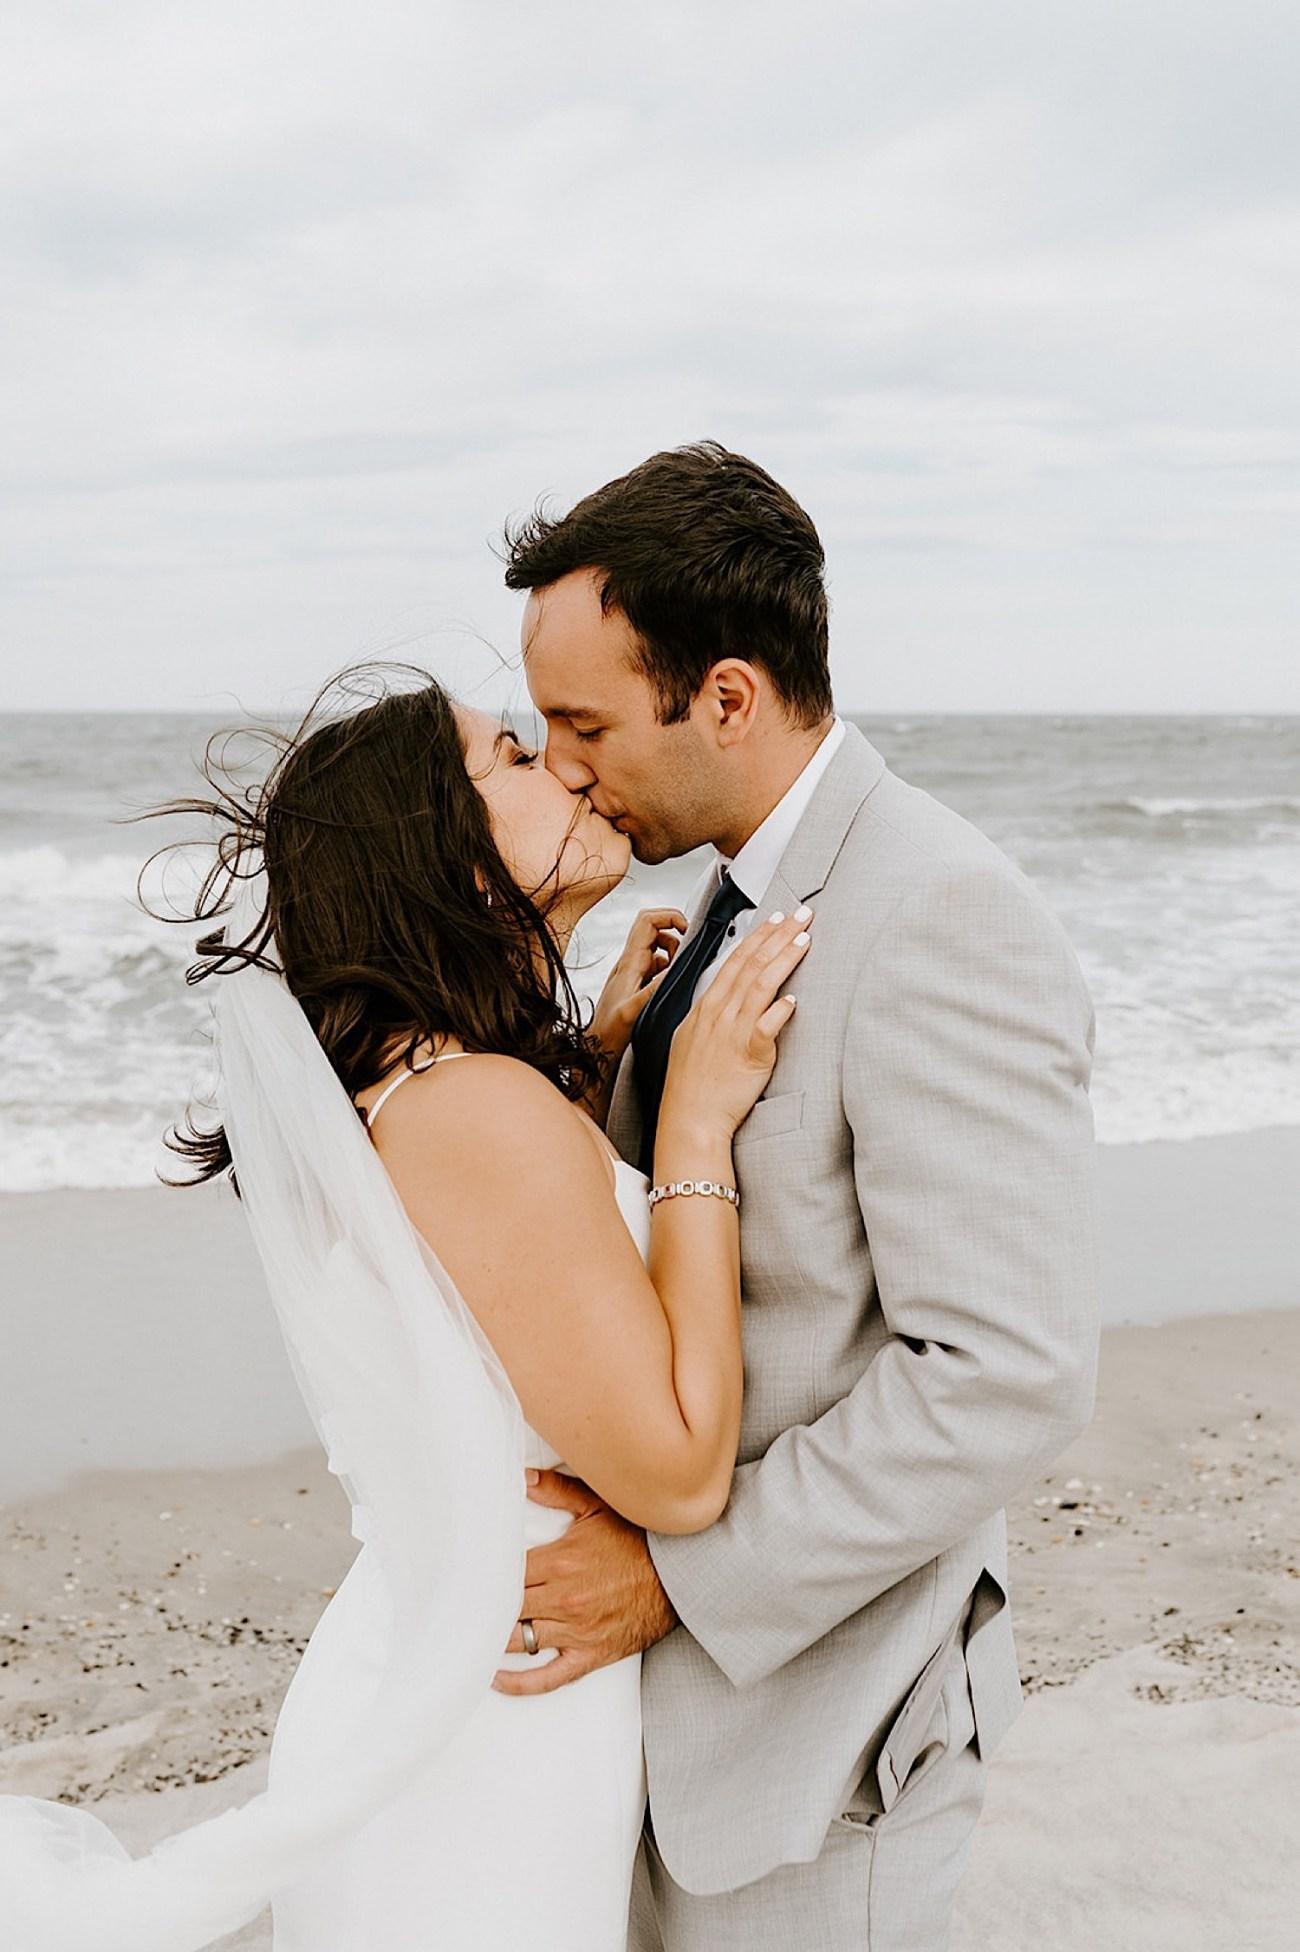 090 Sea Bright Wedding Beach Wedding Photos New Jersey Shore Wedding Nj Wedding Photographer Beach Elopement Photos